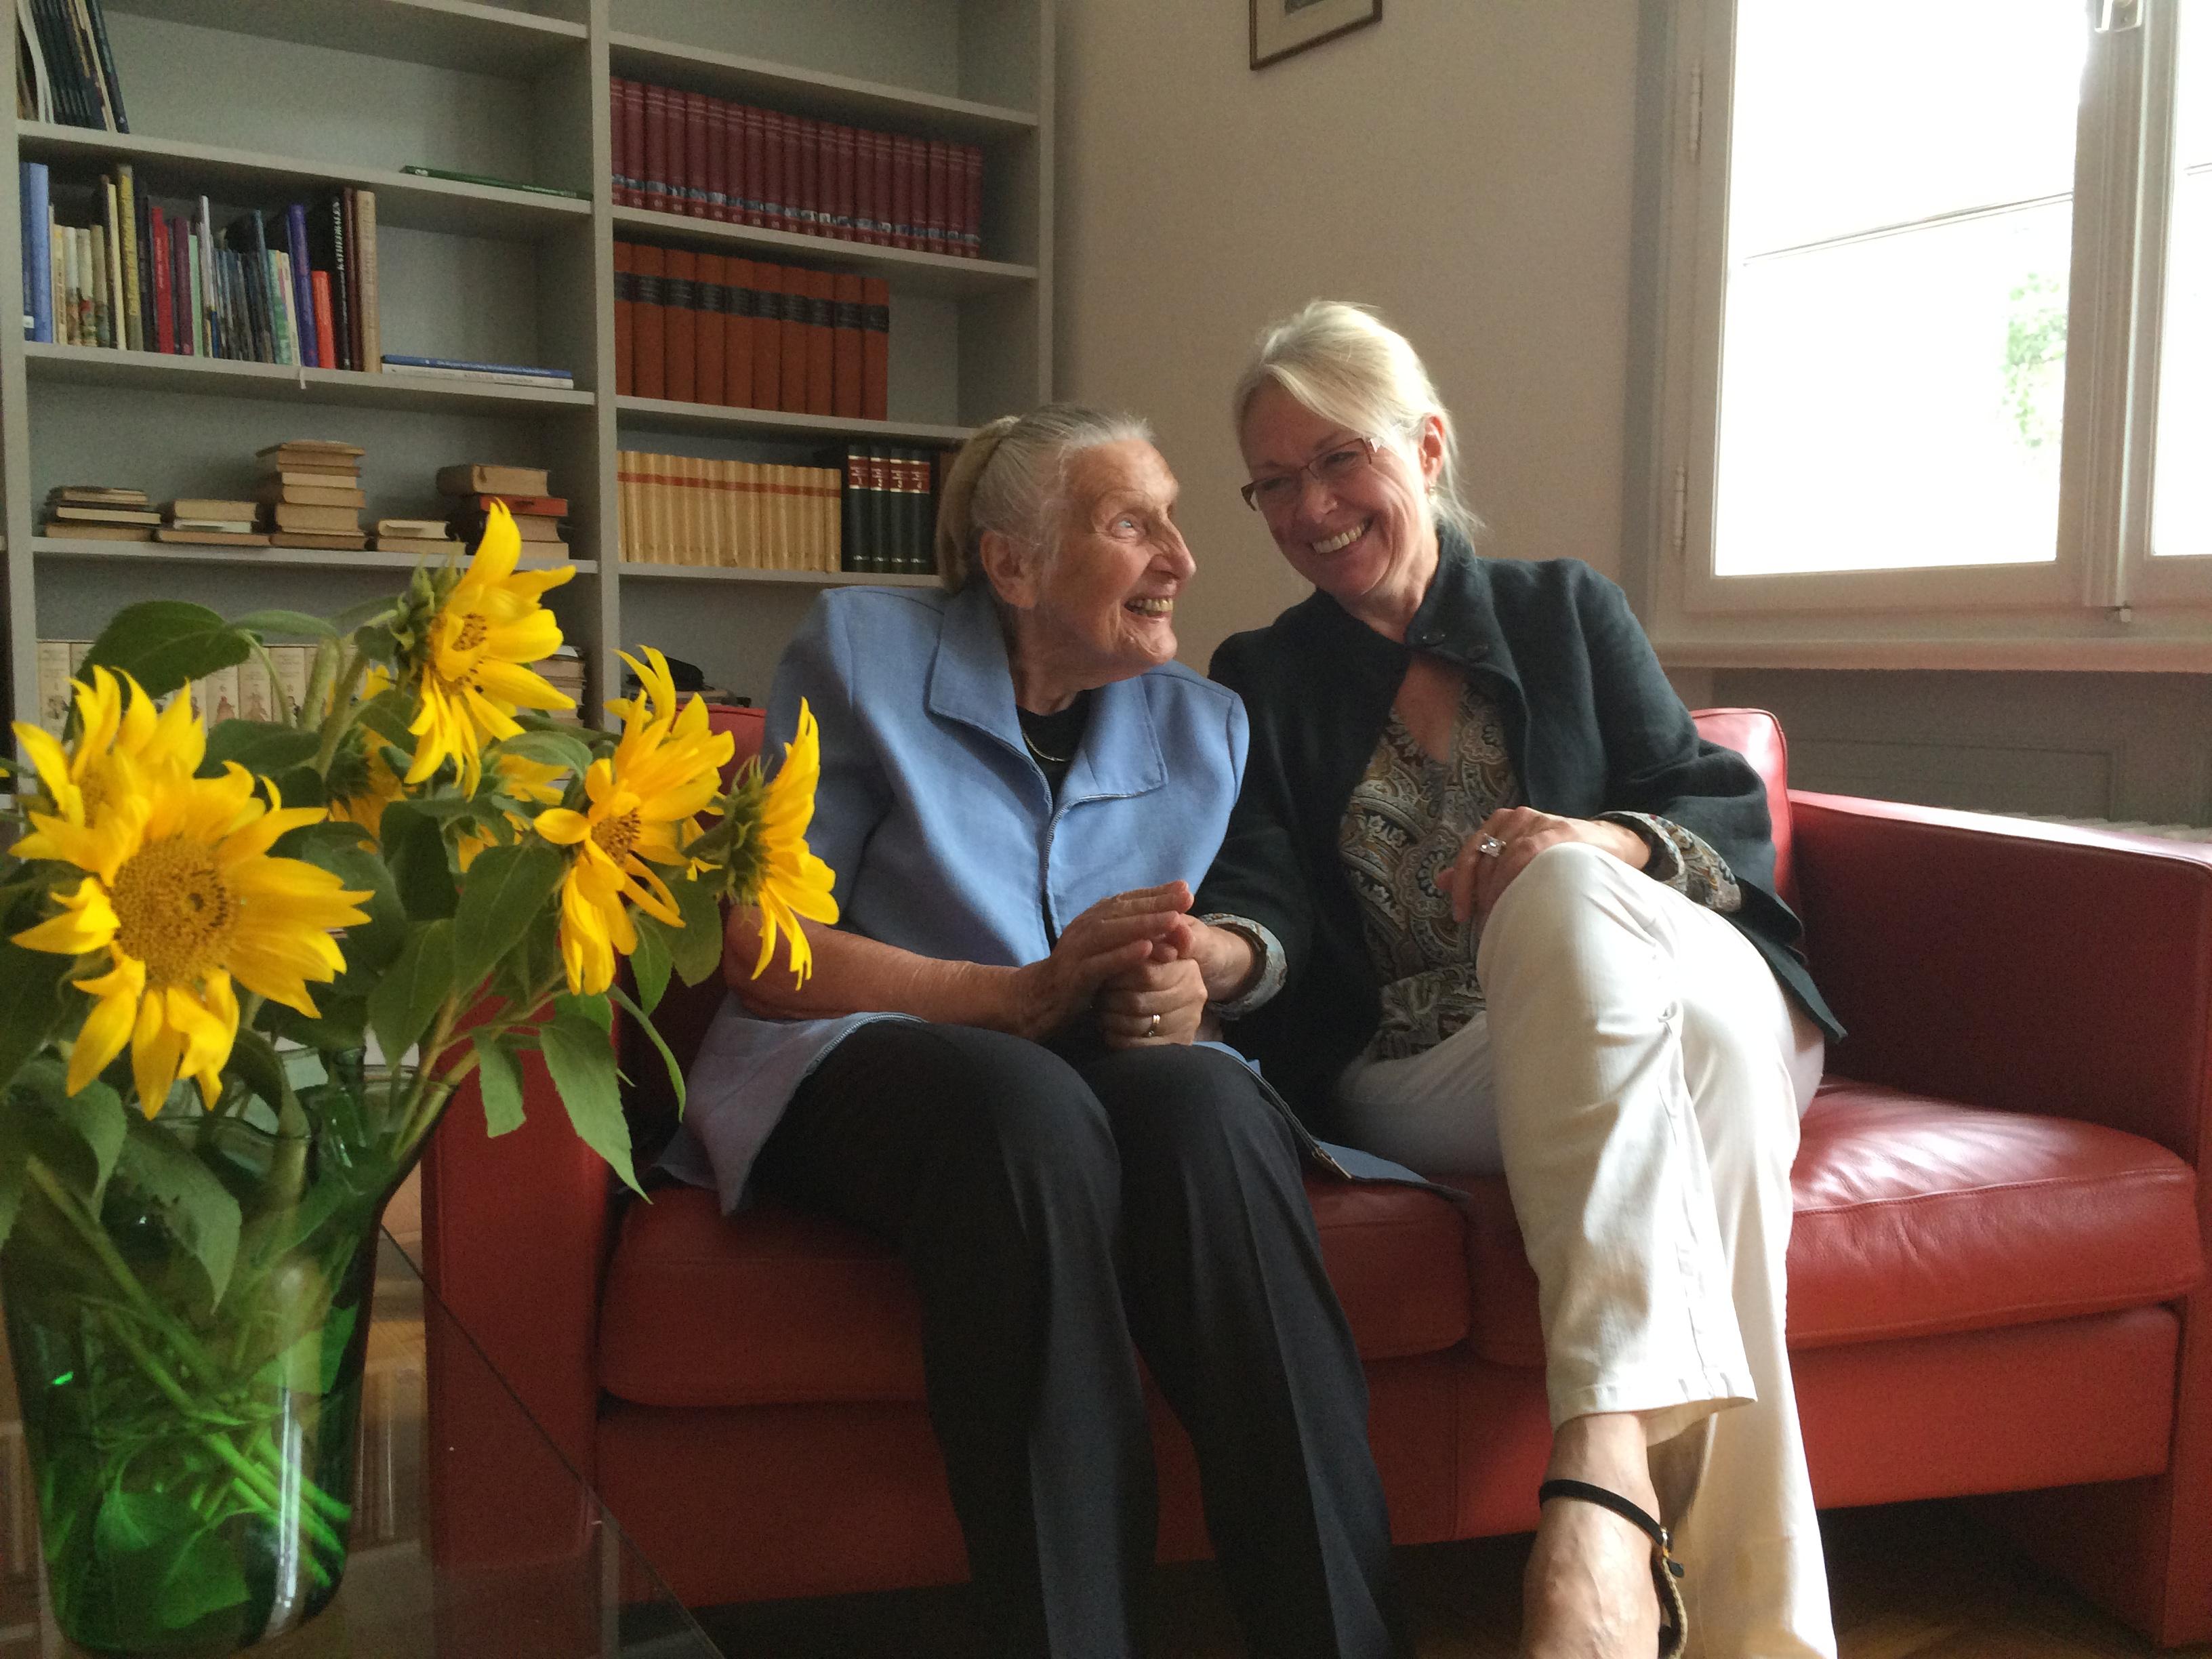 Jubilarin mit Äbtissin, Foto: privat